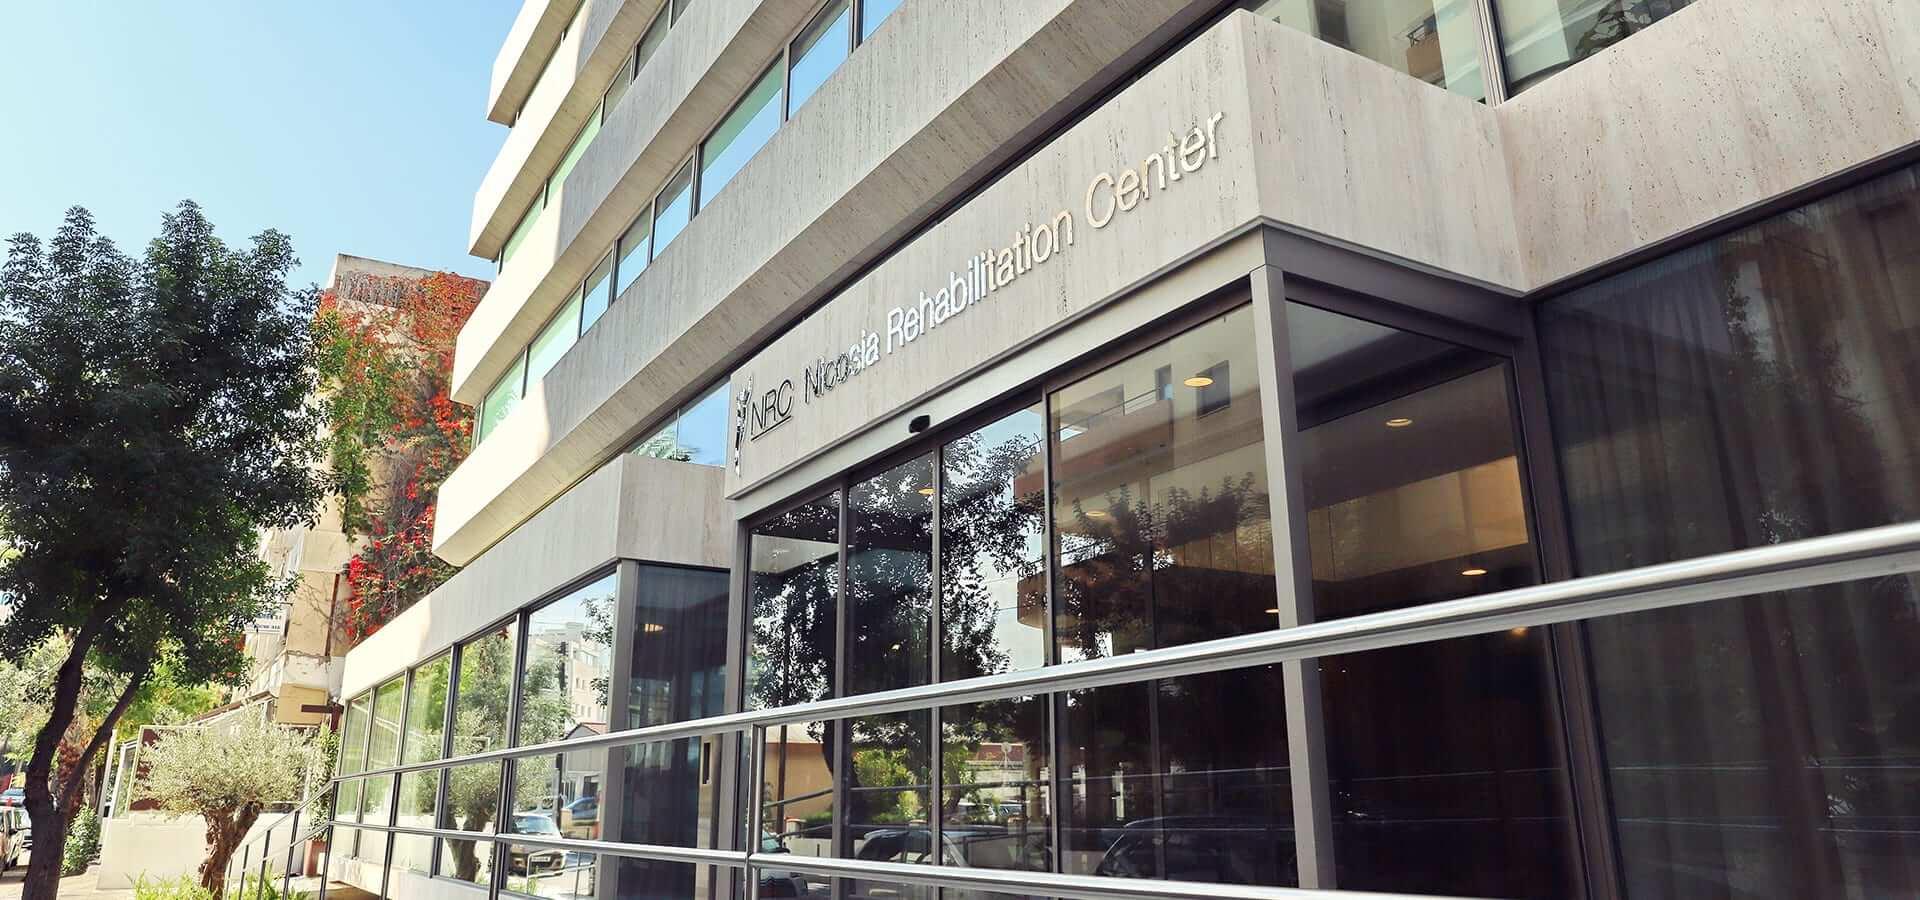 Nicosia Rehabilitation Center